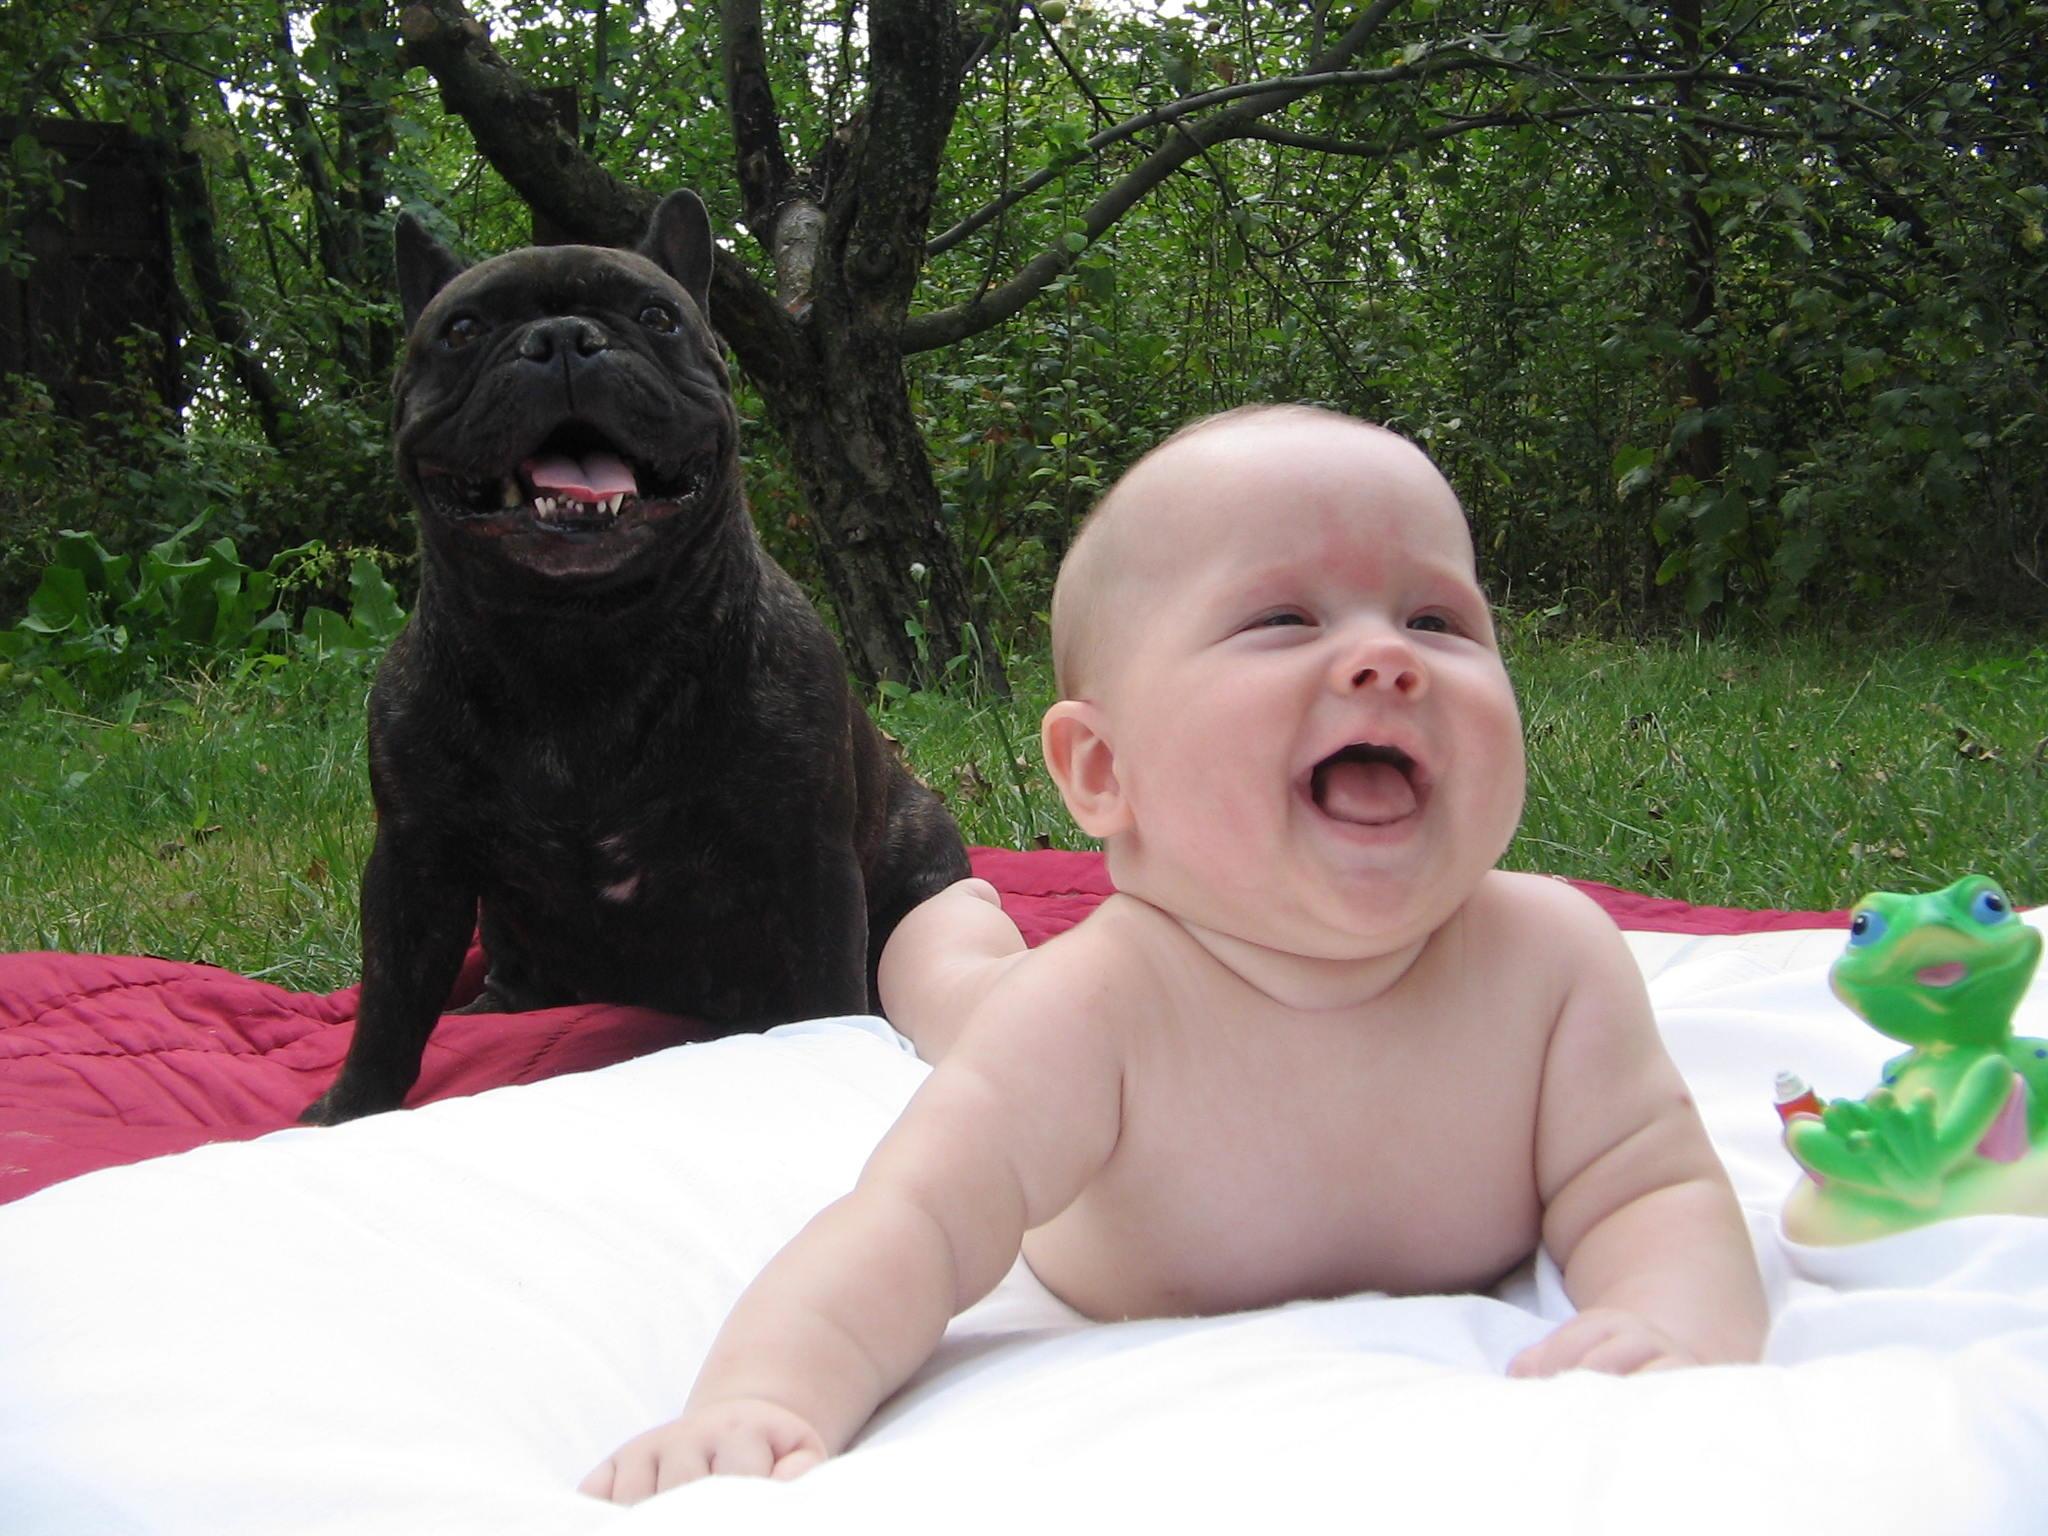 ну и кто улыбается шире?!. От улыбки хмурый день светлей!